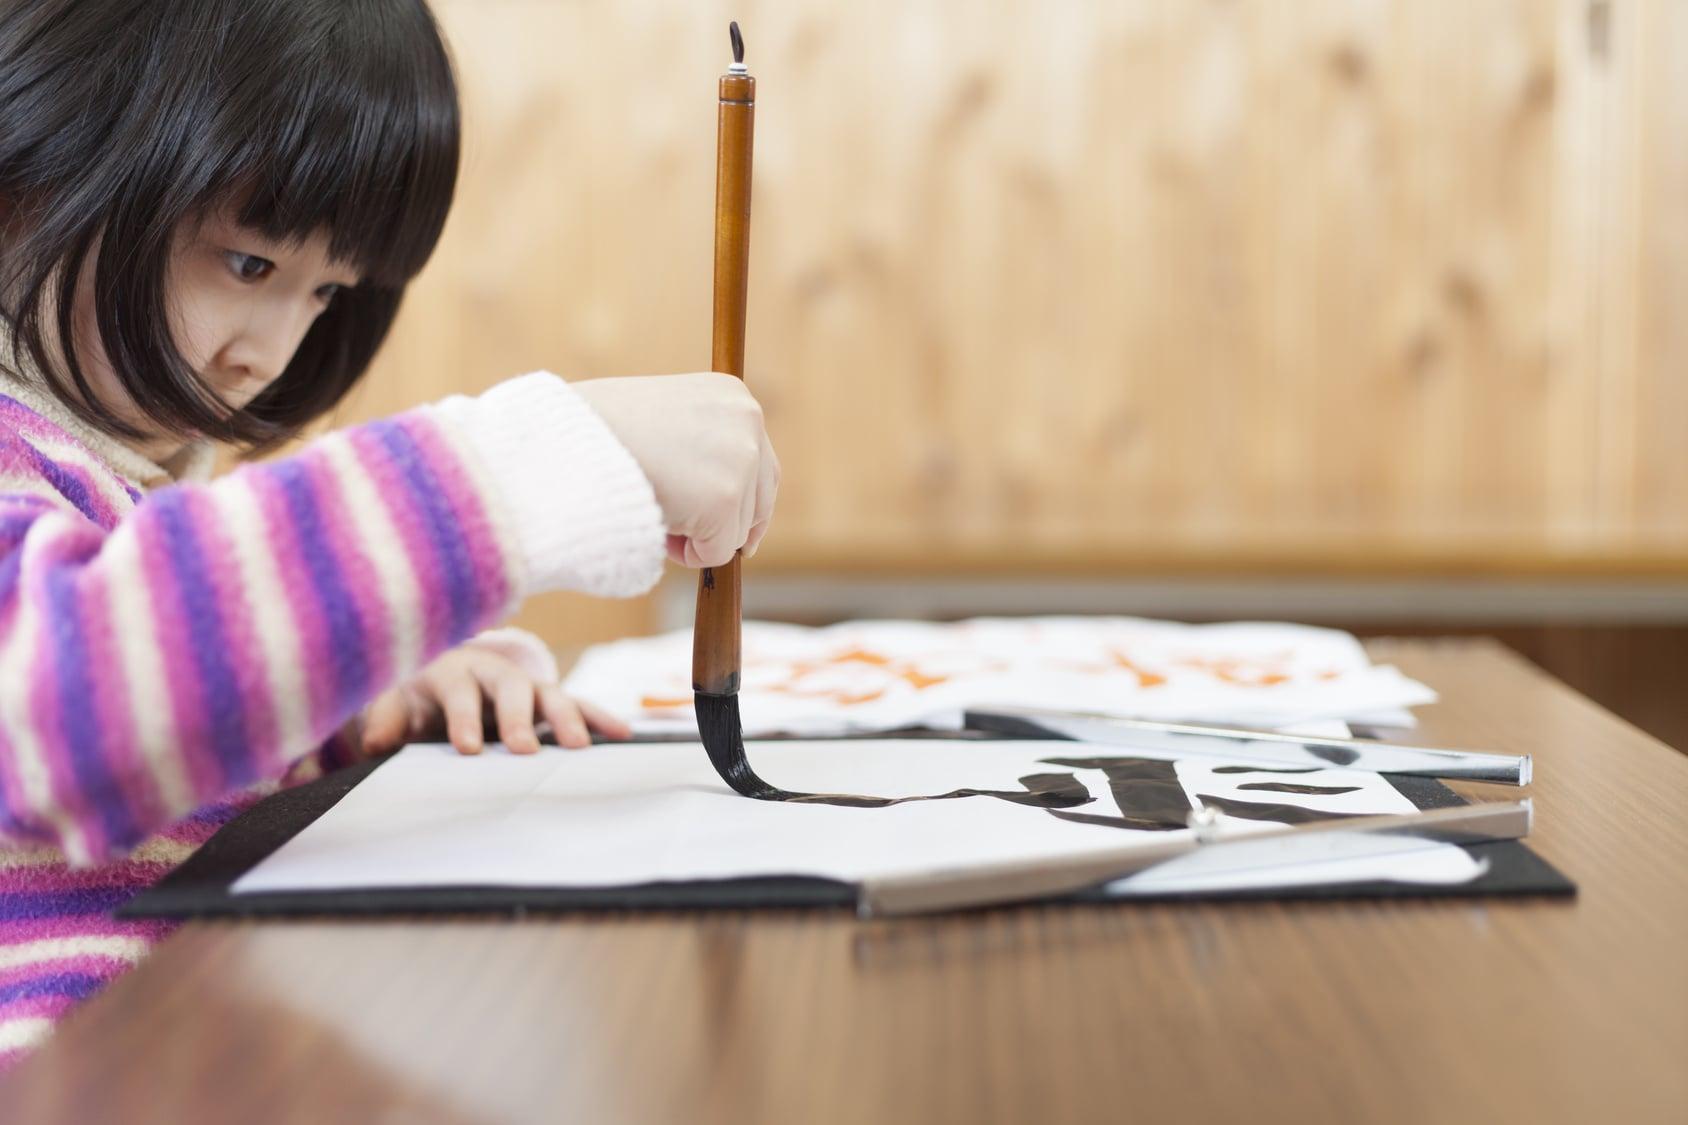 漢字が苦手な子どもにおすすめ ... : 4年生までに習う漢字 : 漢字